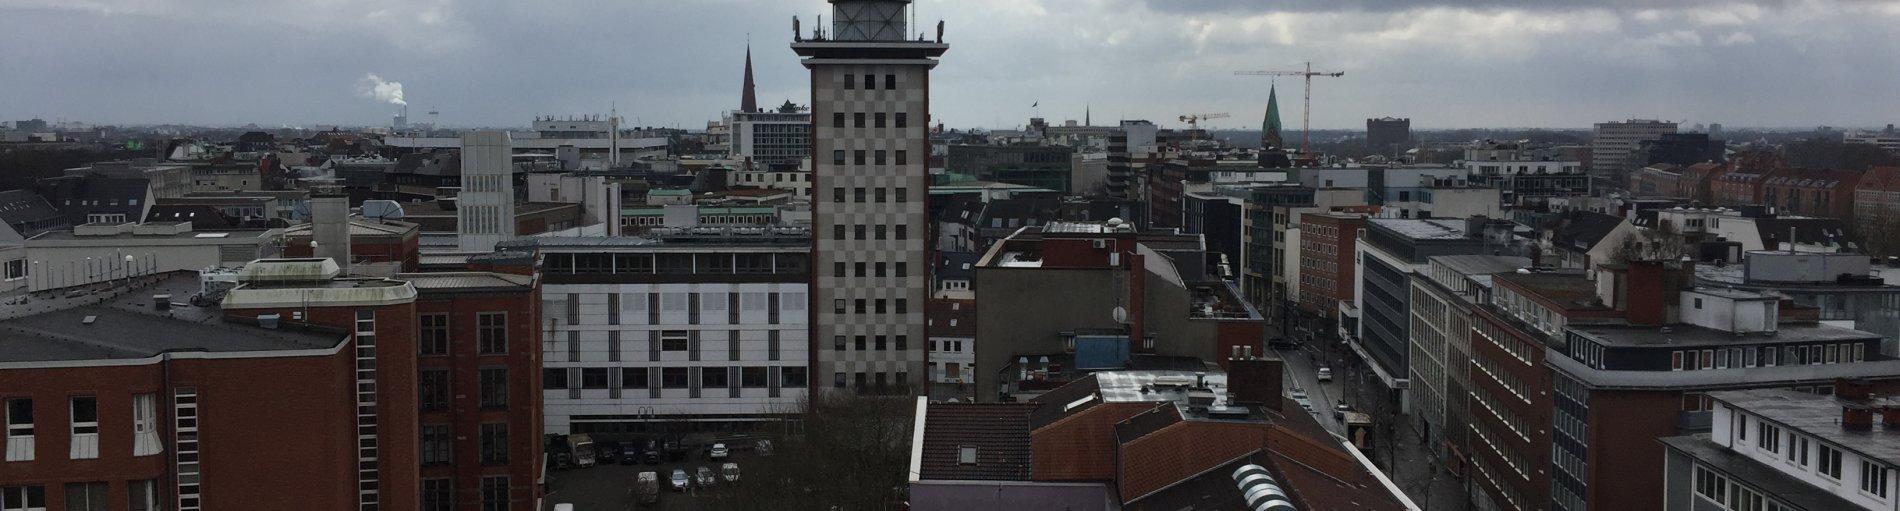 Zu sehen ist der Ausblick auf eine Stadt mit vielen Häusern und spitzen Türmen. Links im Bild ist ein freier Platz zu sehen, auf dem Autos parken. Rechts befindet sich eine Straße zwischen den Häusern, auf der Autos fahren. In der Mitte des Bildes ragt ein spitzer Turm zwischen den Häusern empor. Der Himmel ist blau und bewölkt.